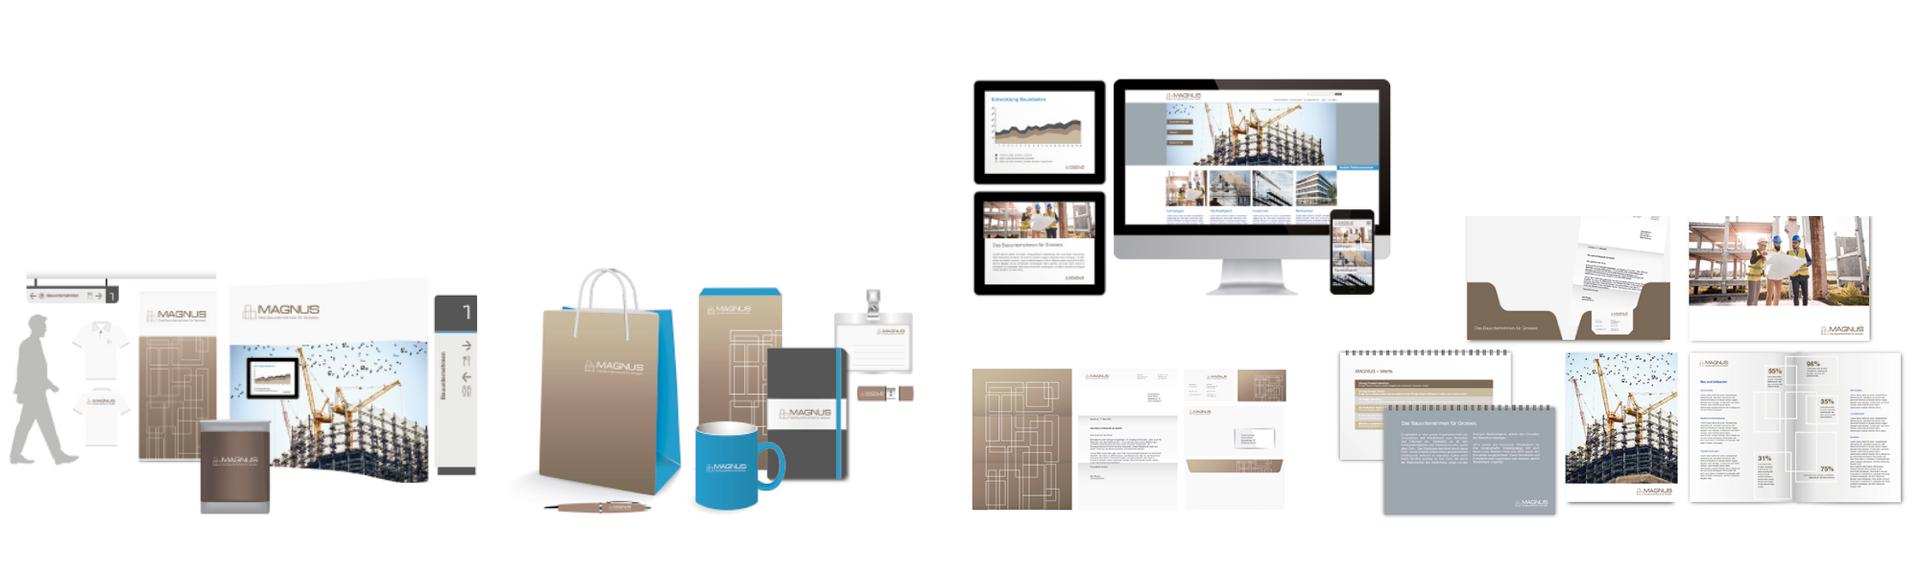 Corporate Design Lösung für Industrie Unternehmen für Baubetrieb